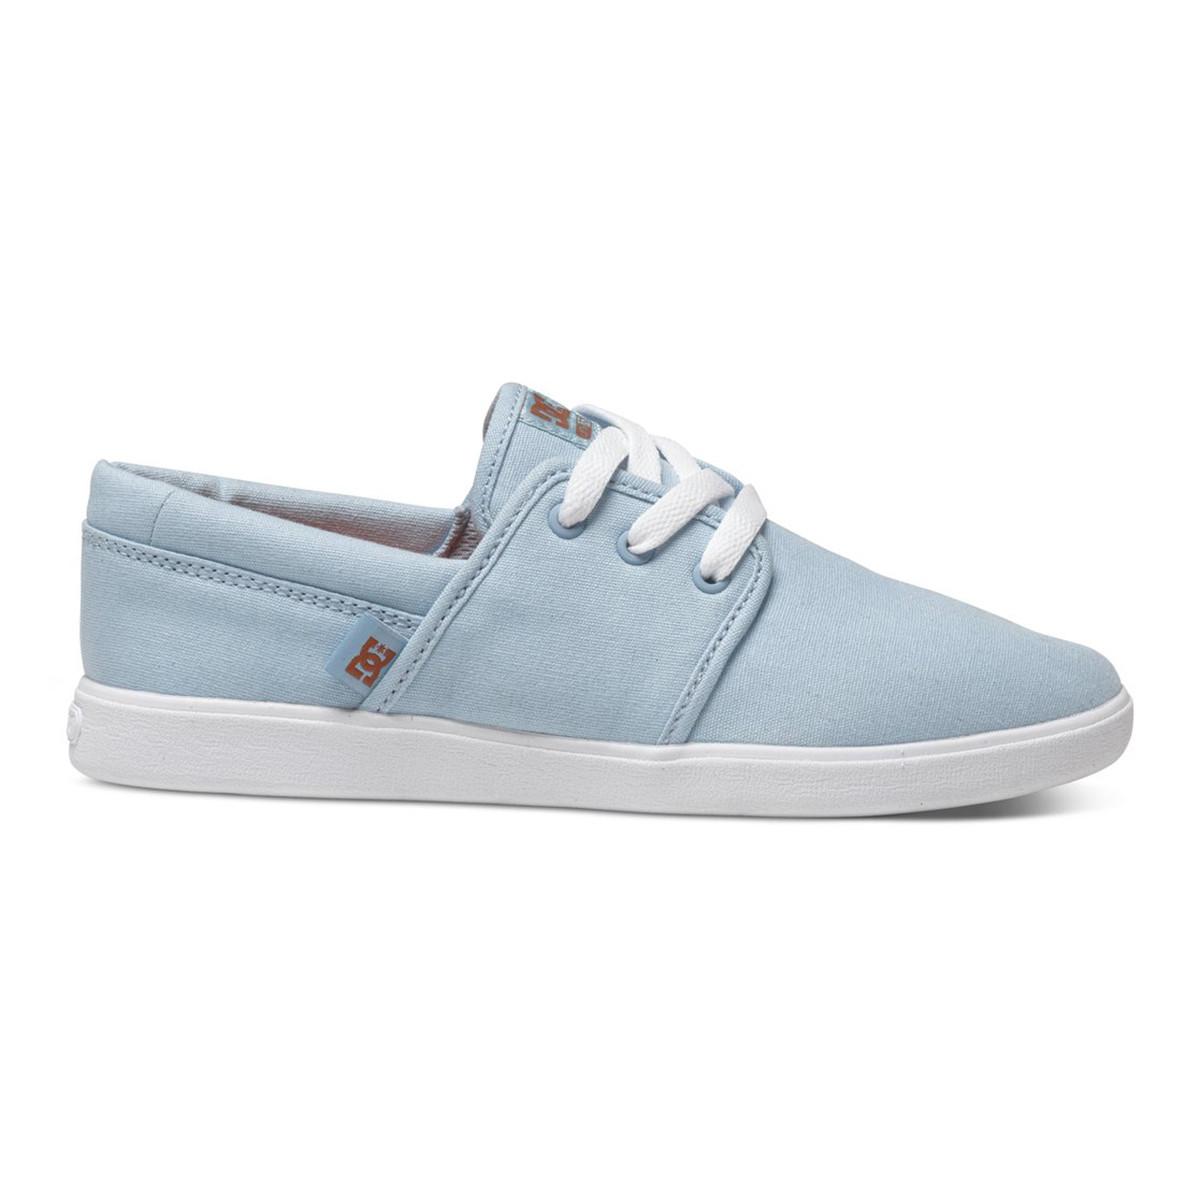 Chaussure Bleu Pas Cher Skate Chaussures De Femme Haven Dc Shoes 1wqqPU